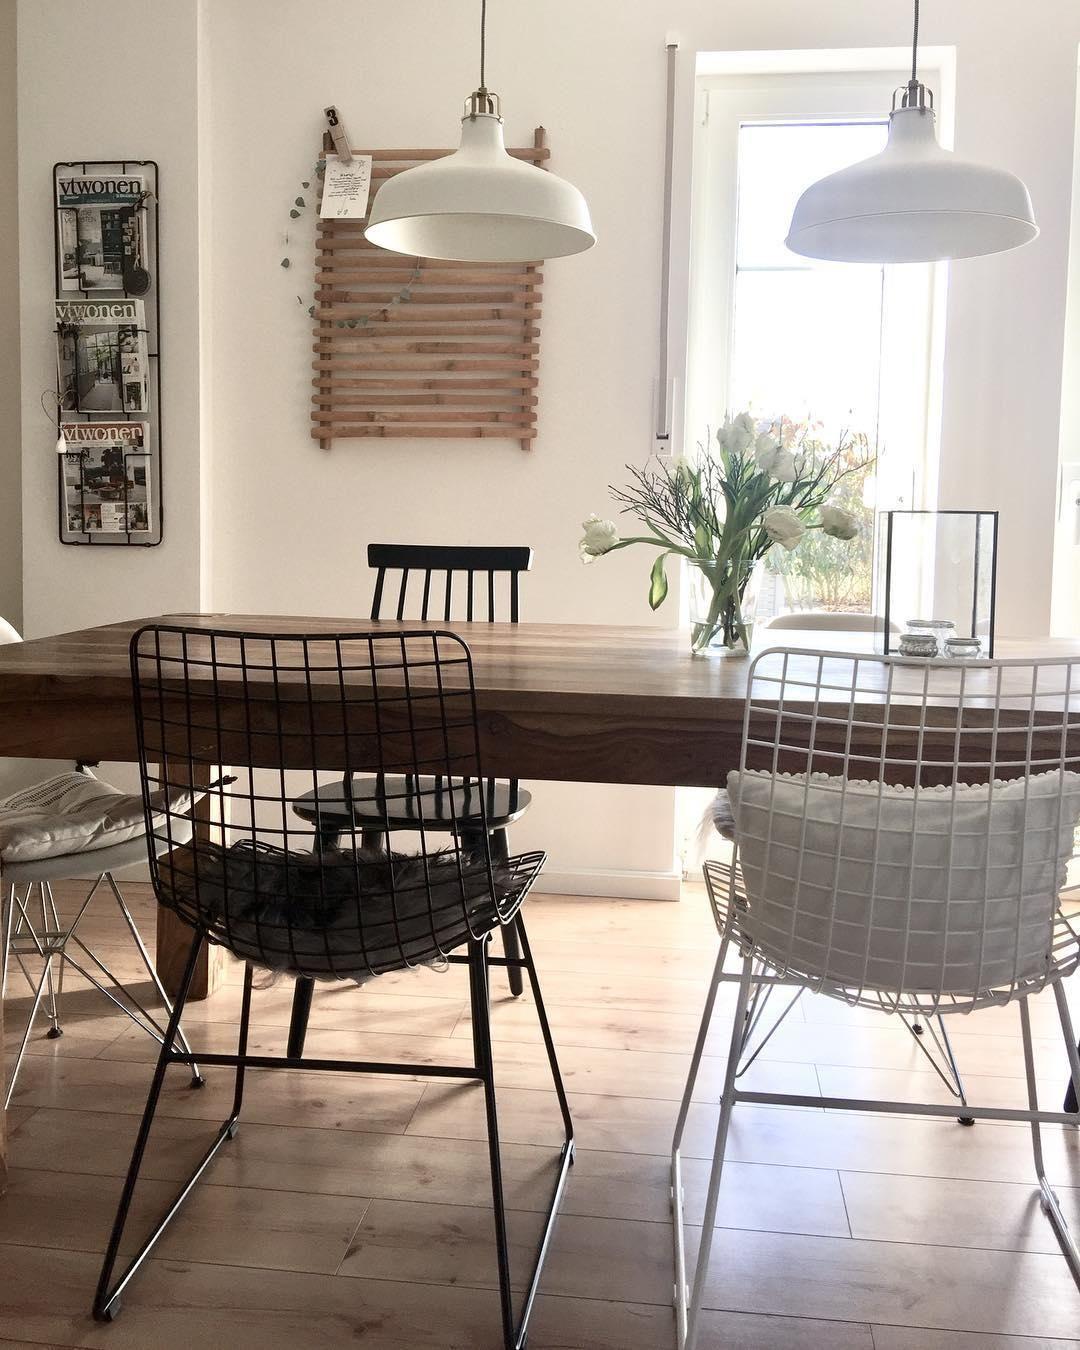 Das Hat Steel Mobel Spiegel Und Leuchten Im Wire Design Sind Wieder Schwer Angesagt Warum Durch Ihre Esszimmerstuhle Esszimmer Dekor Ideen Inneneinrichtung